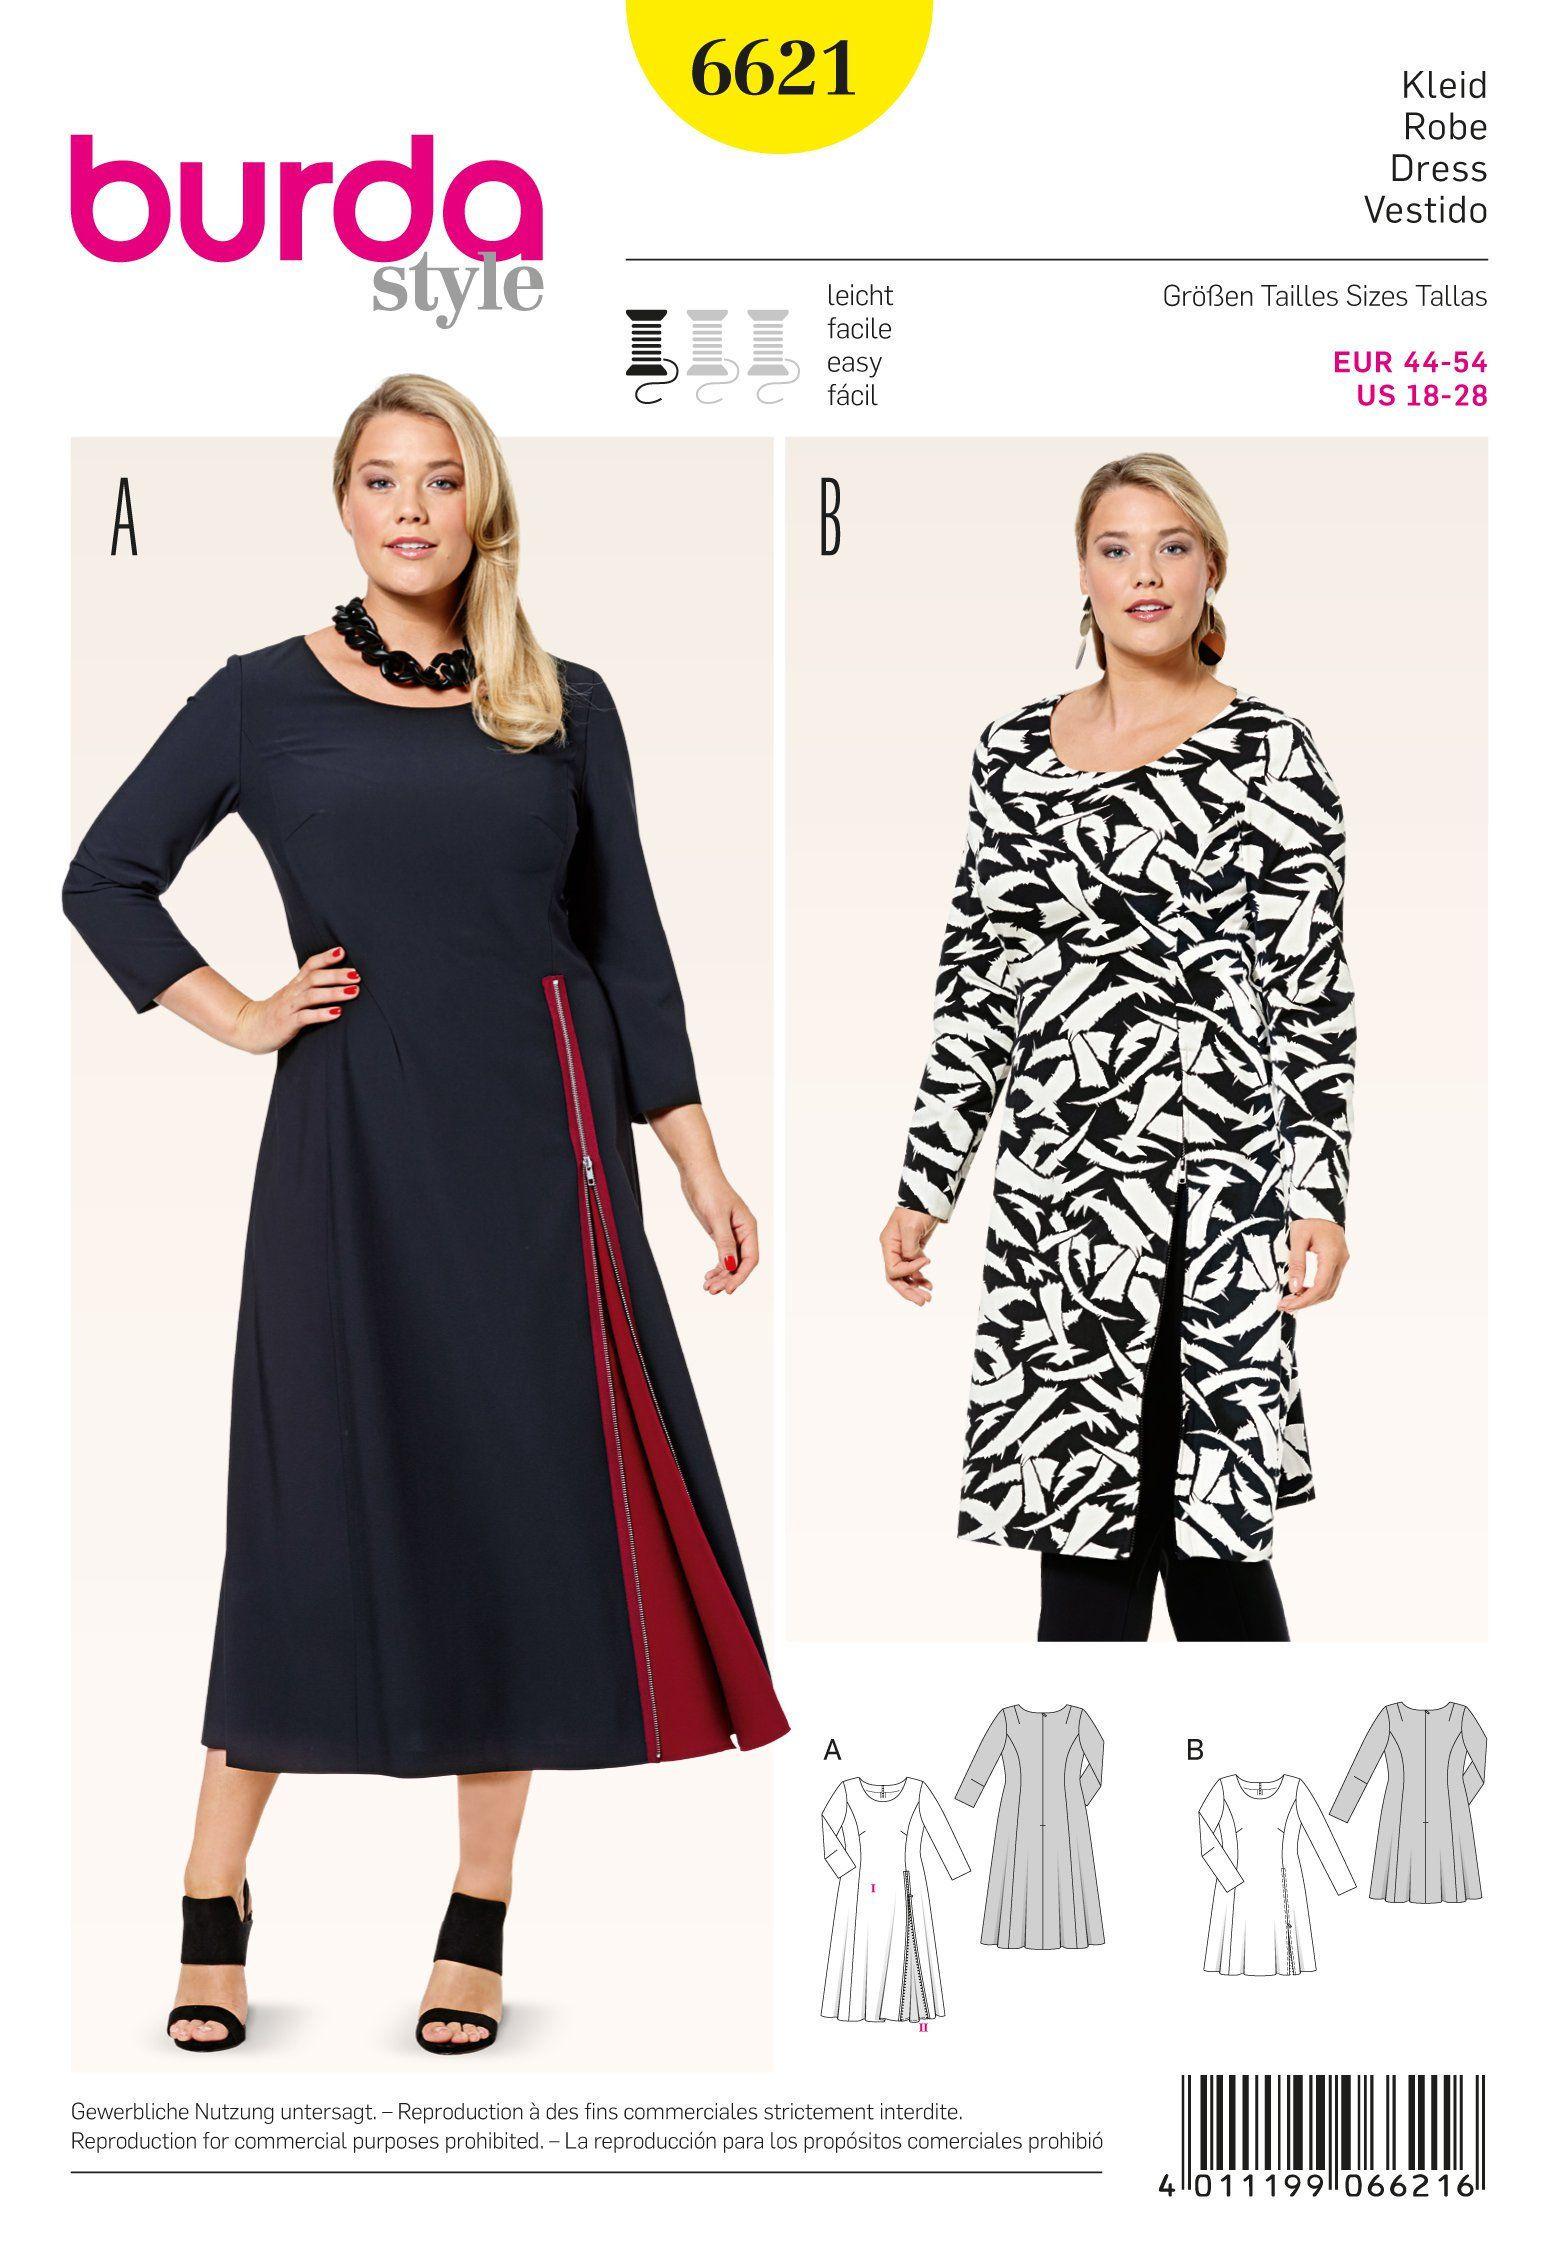 f9939aceca83 Burda Burda Style Pattern B6487 Misses' Evening Dress | Burda ...